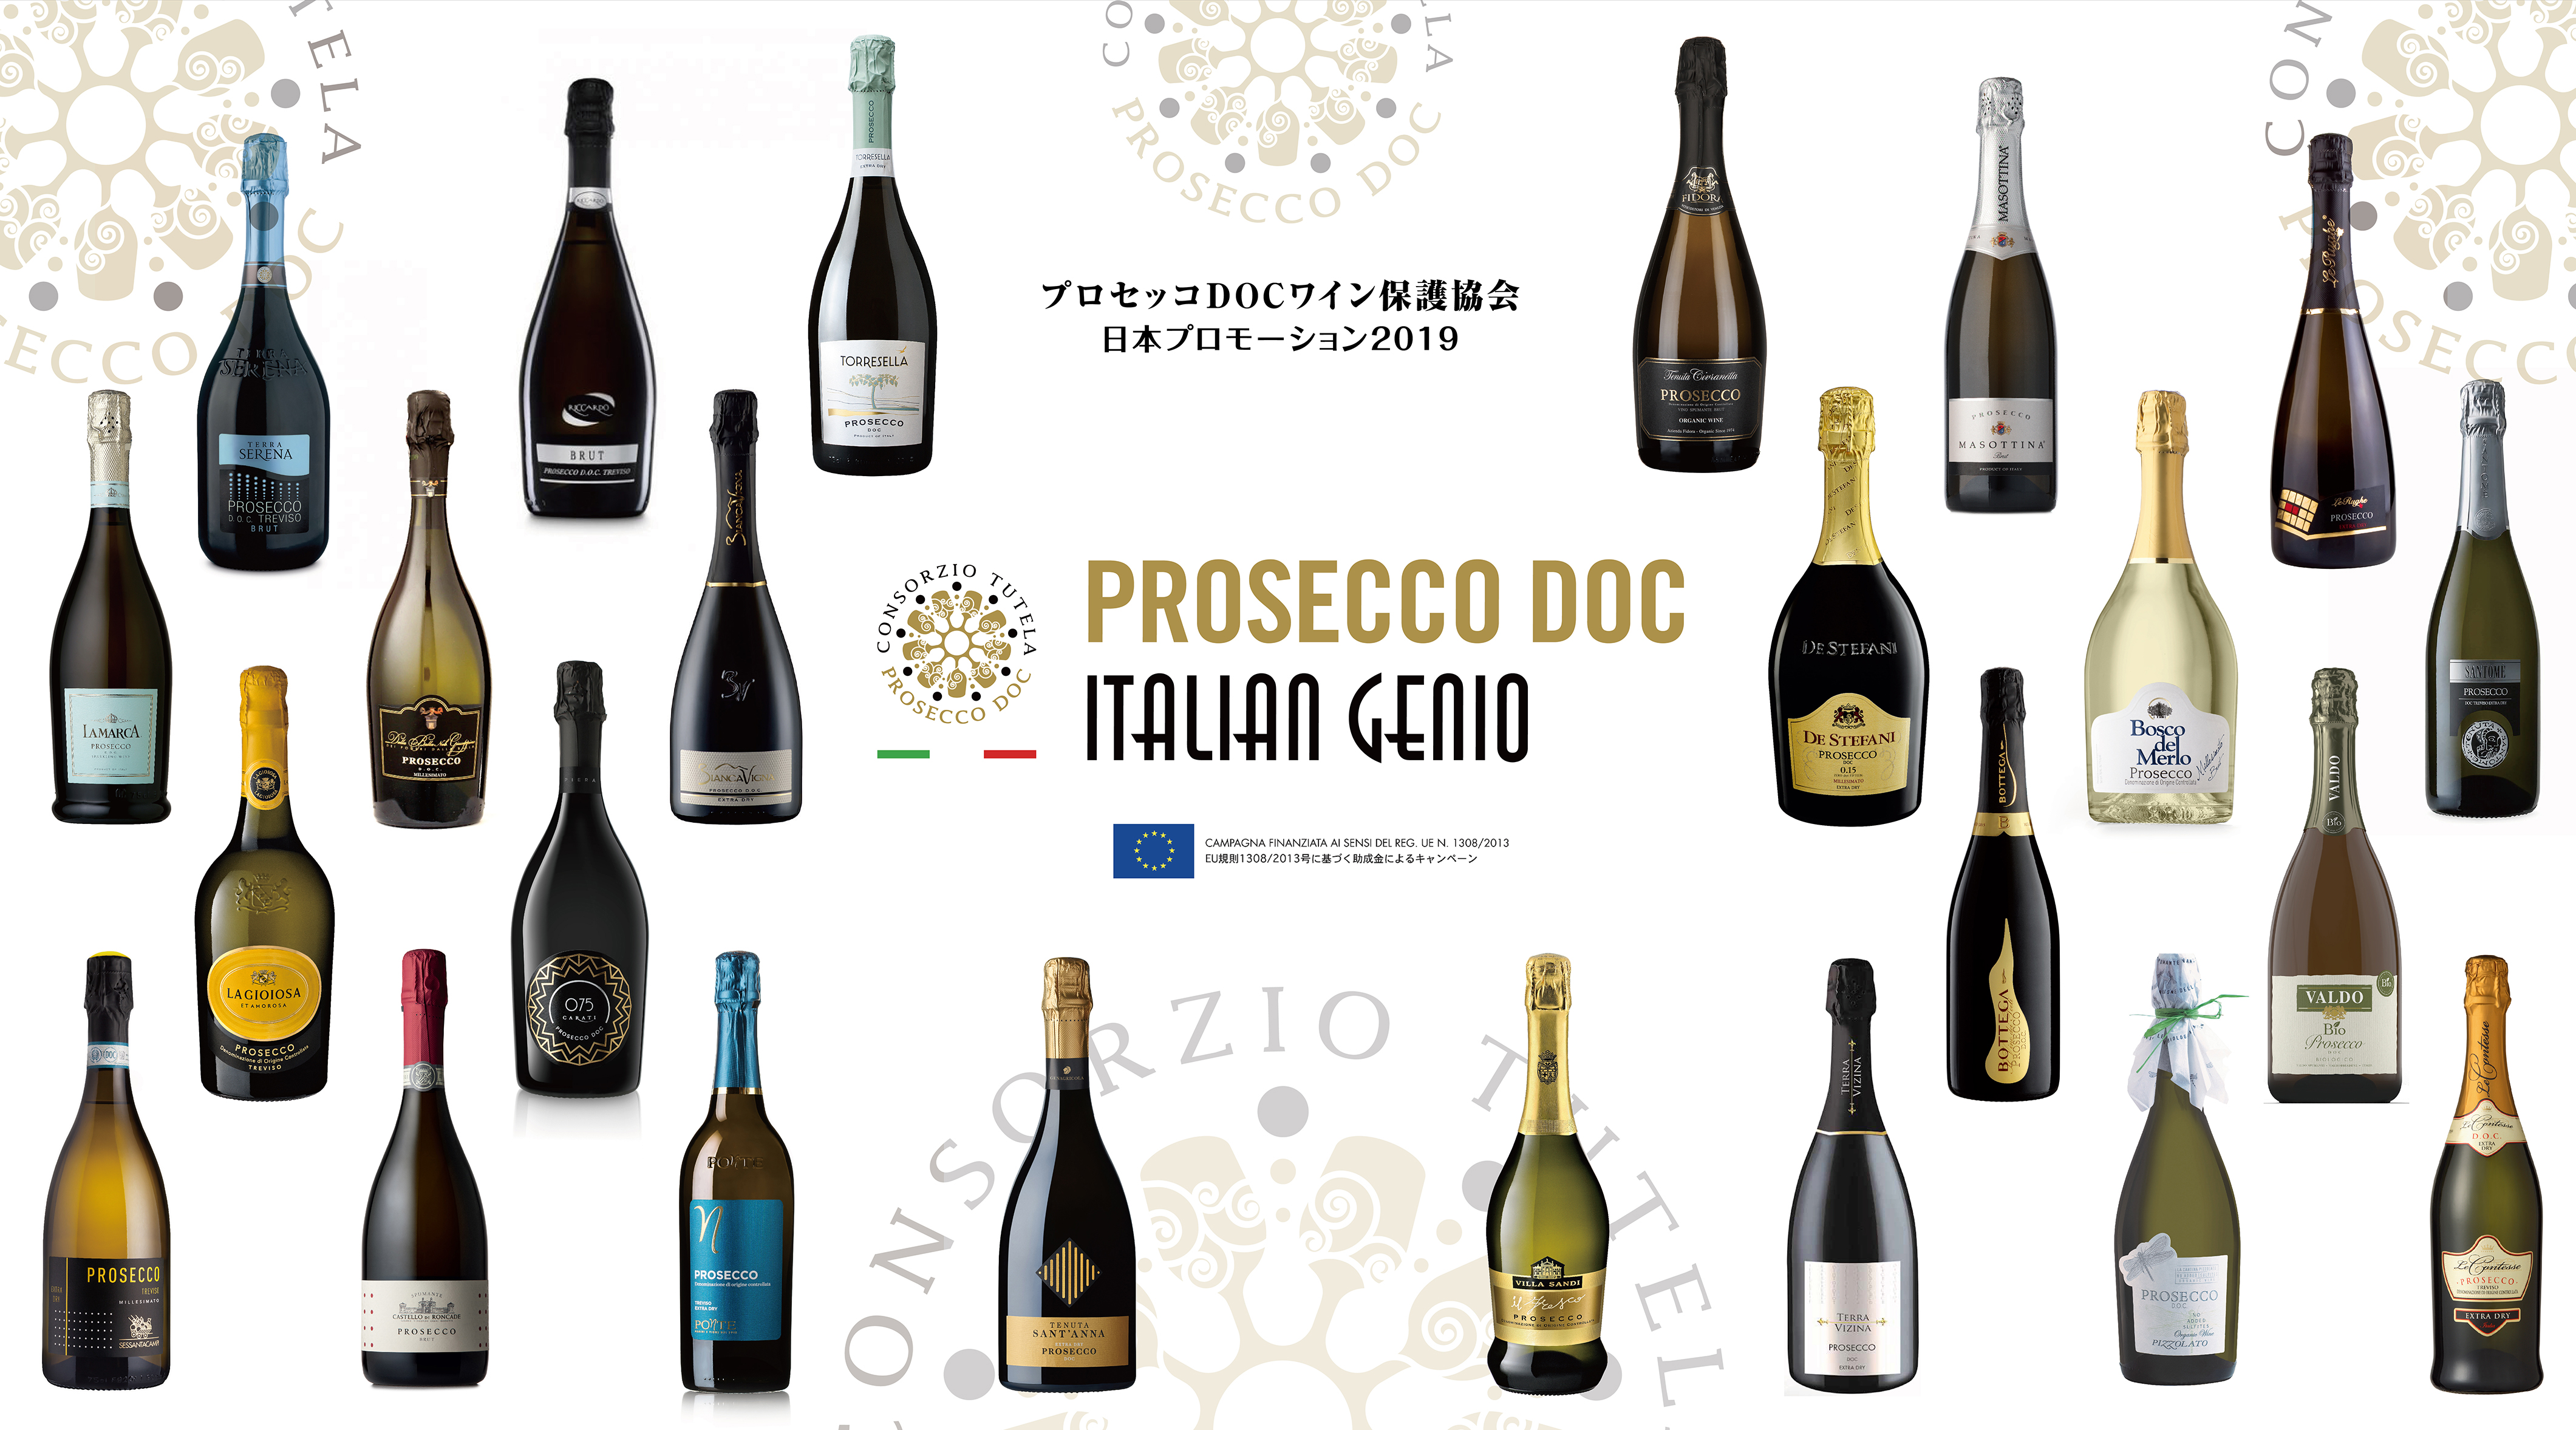 Prosecco DOC Roadshow Giappone